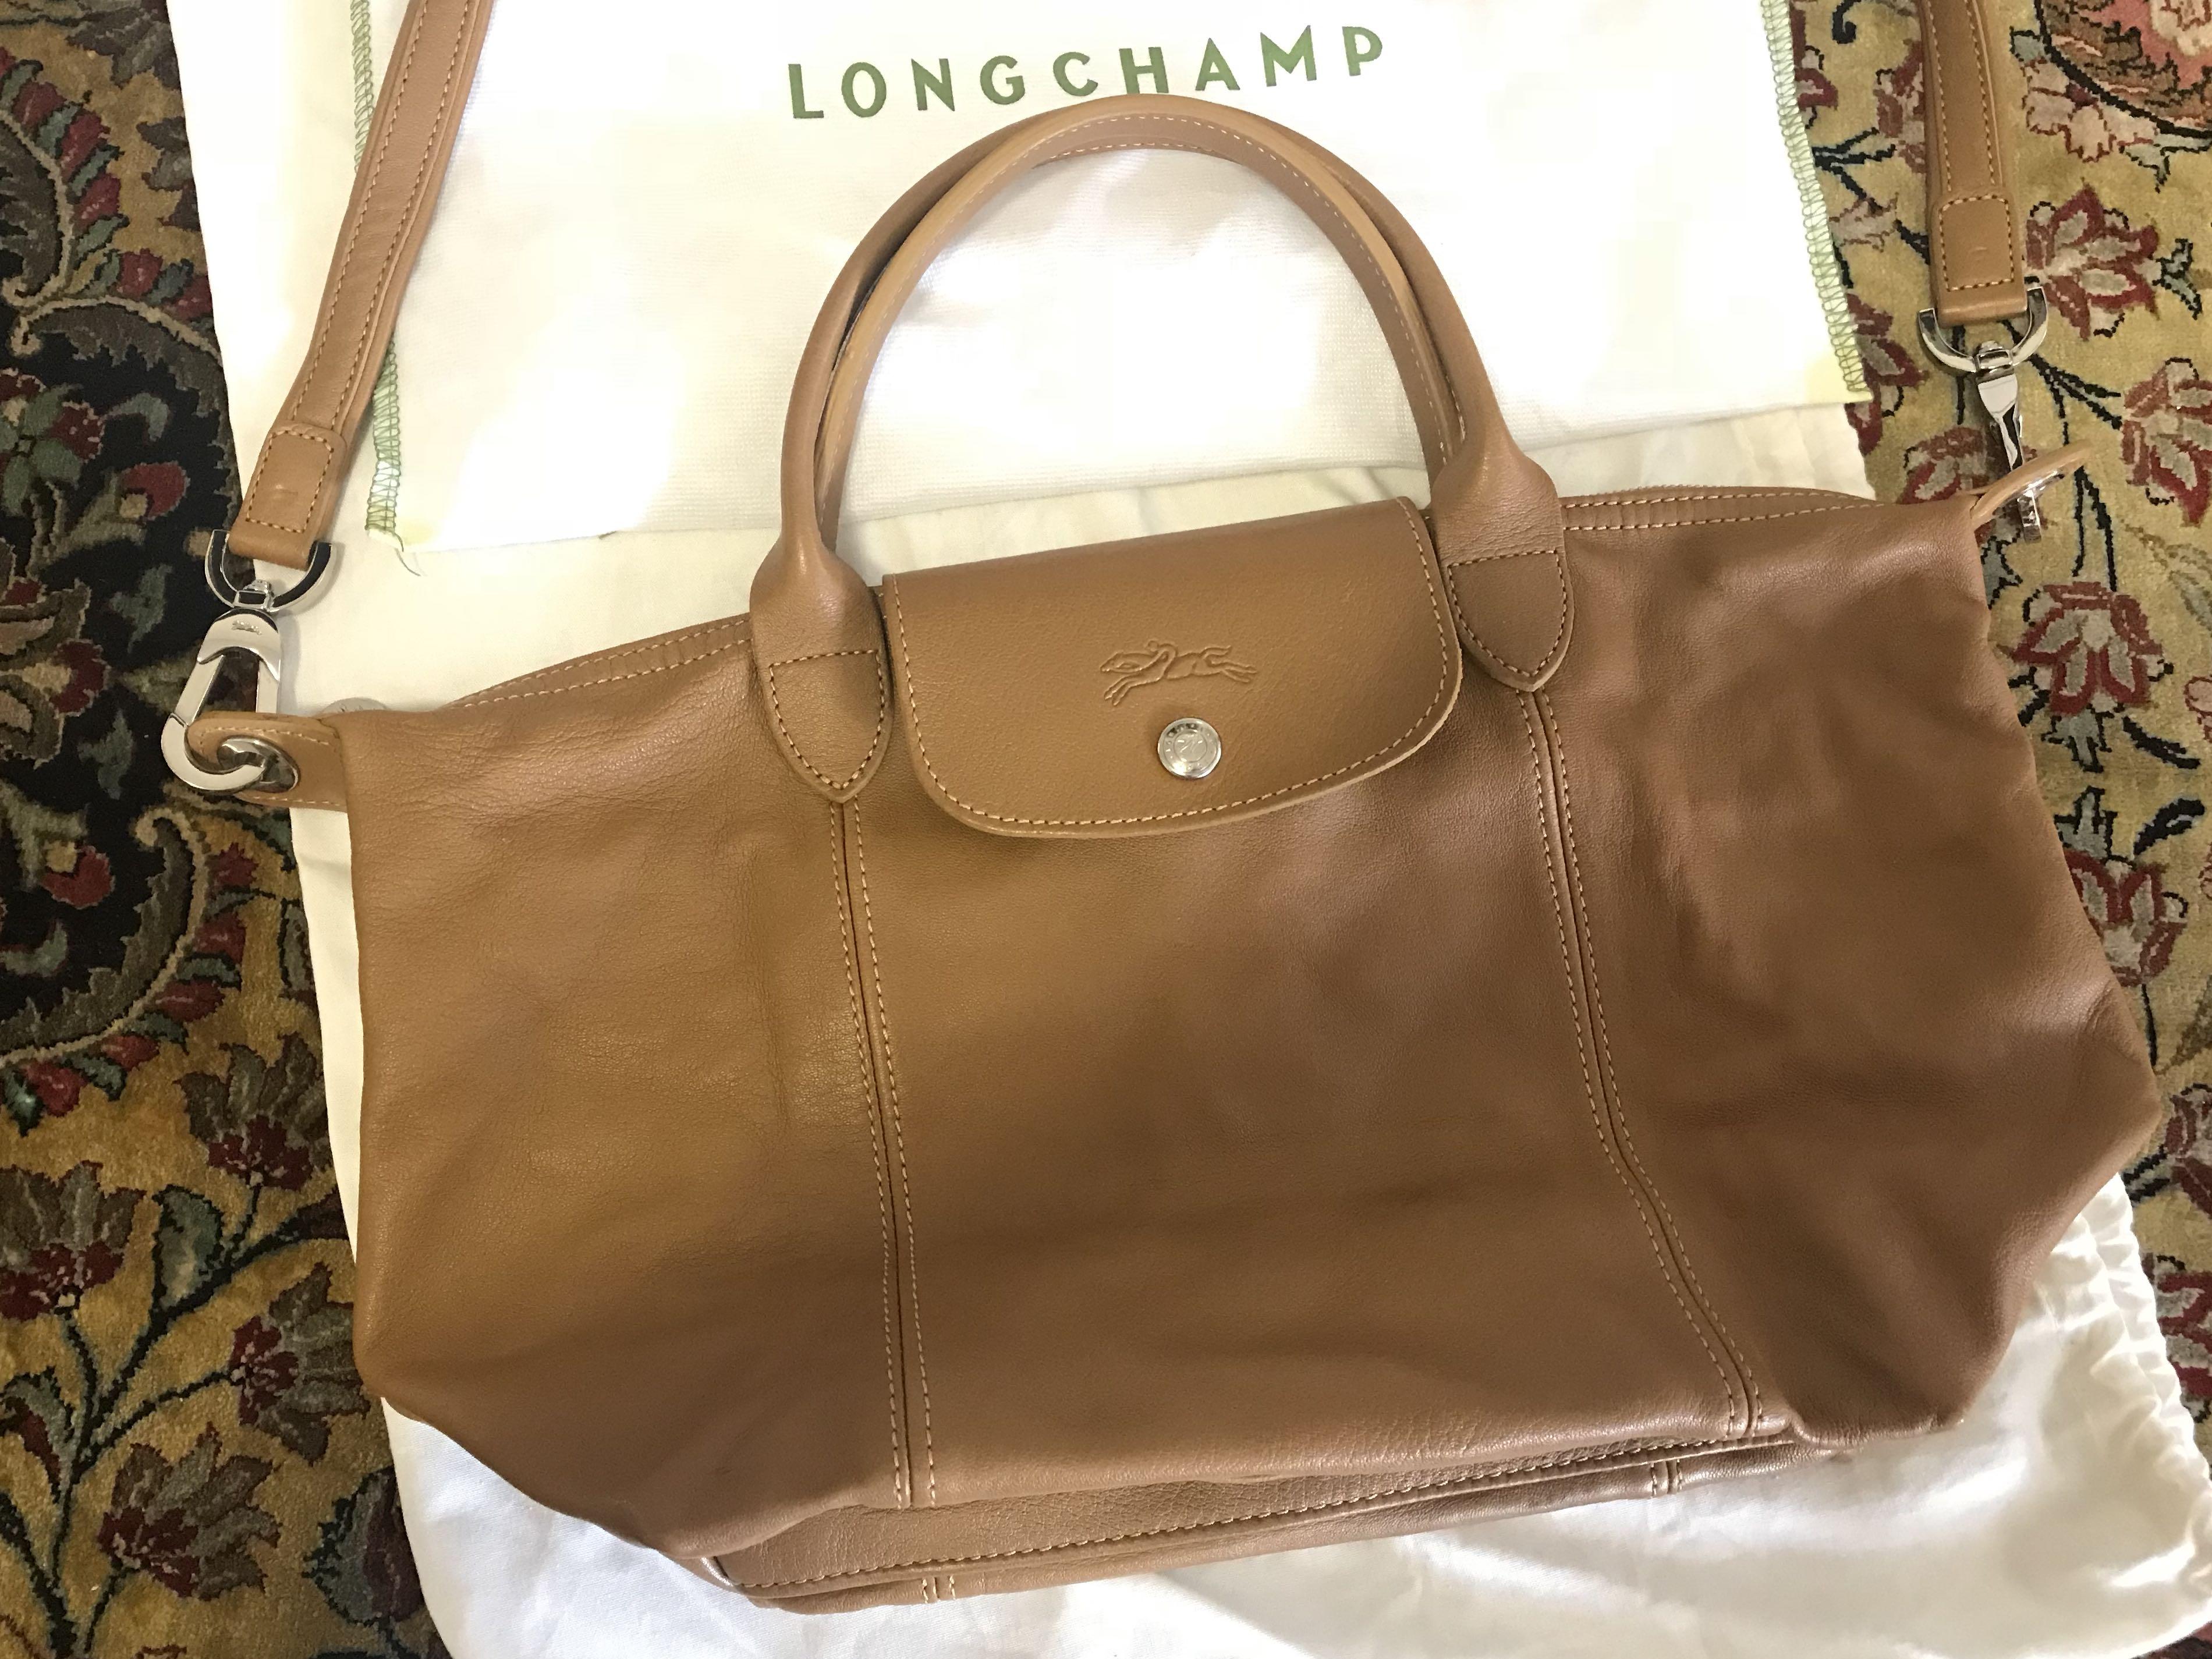 c26ed6c2e8af Longchamp Le Pliage Cuir Small Bag